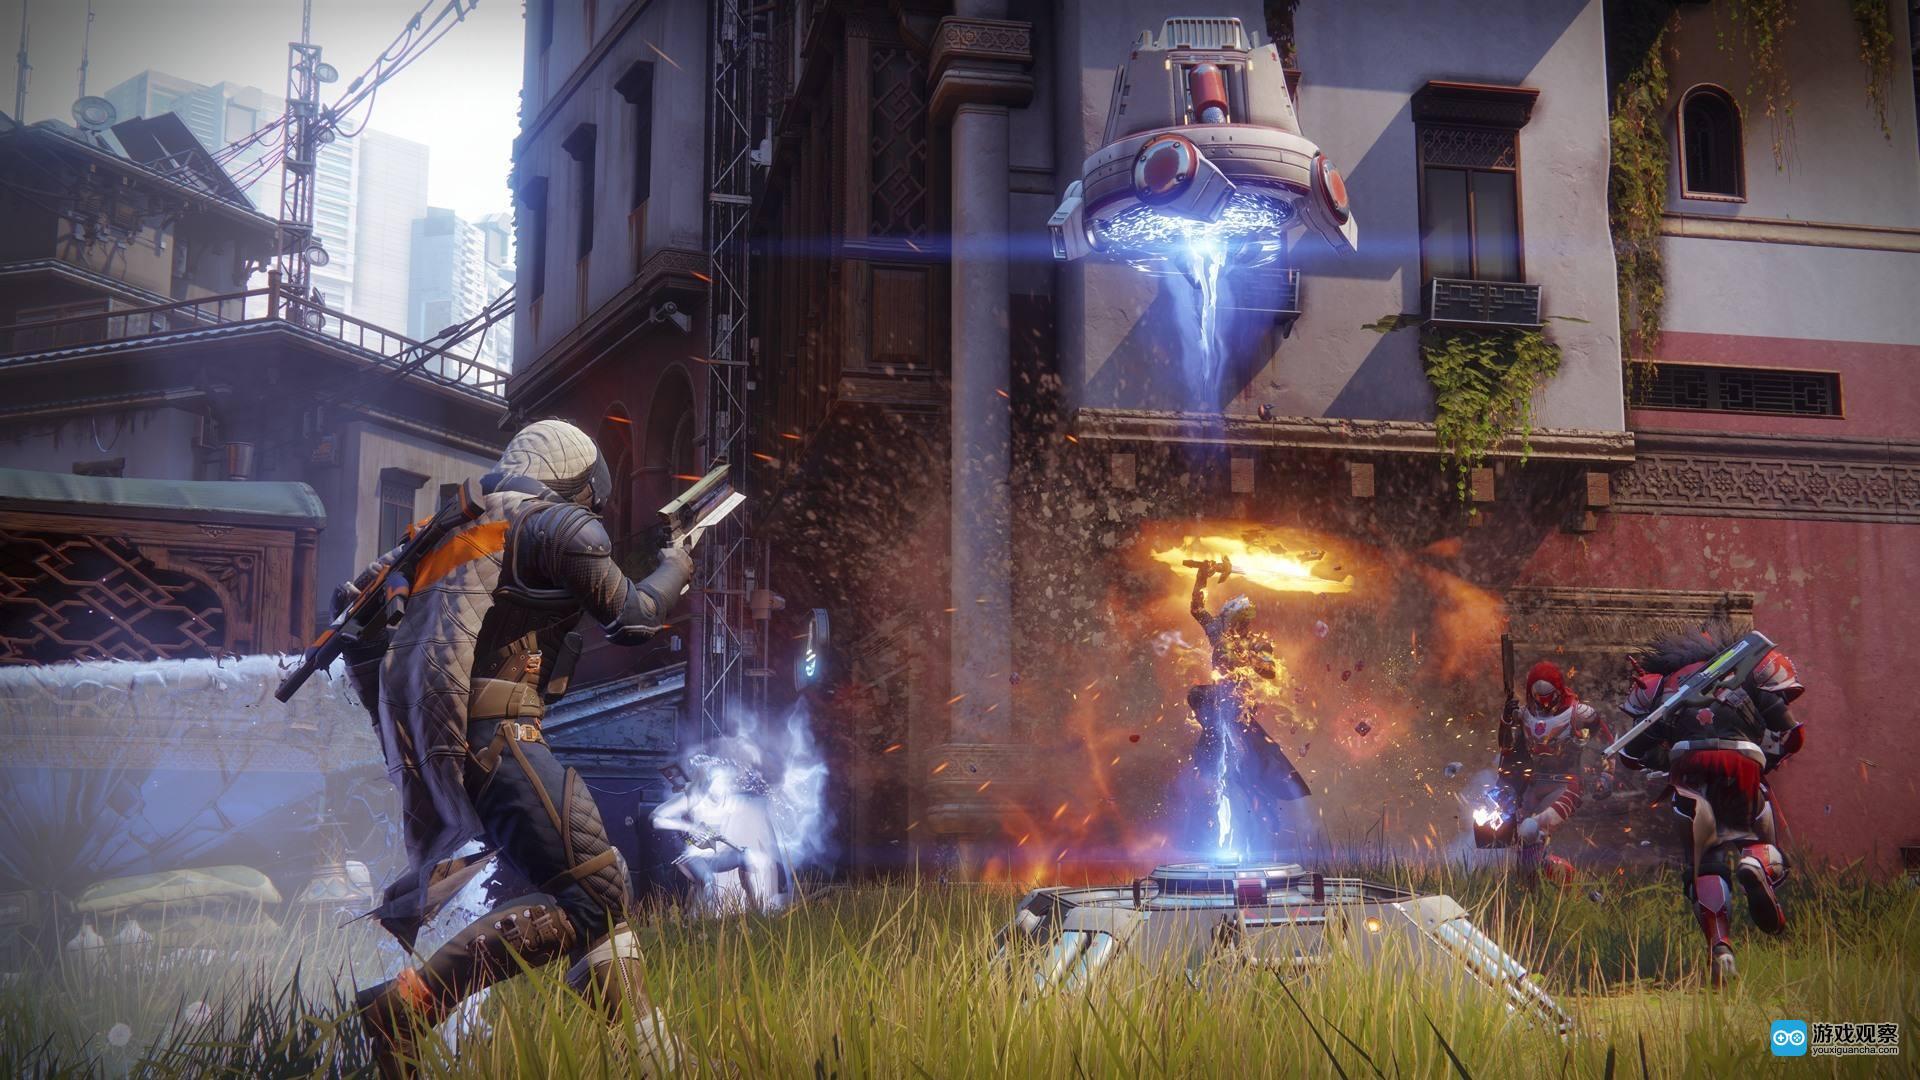 """以《Destiny》为例 说一说射击游戏的""""手感"""""""